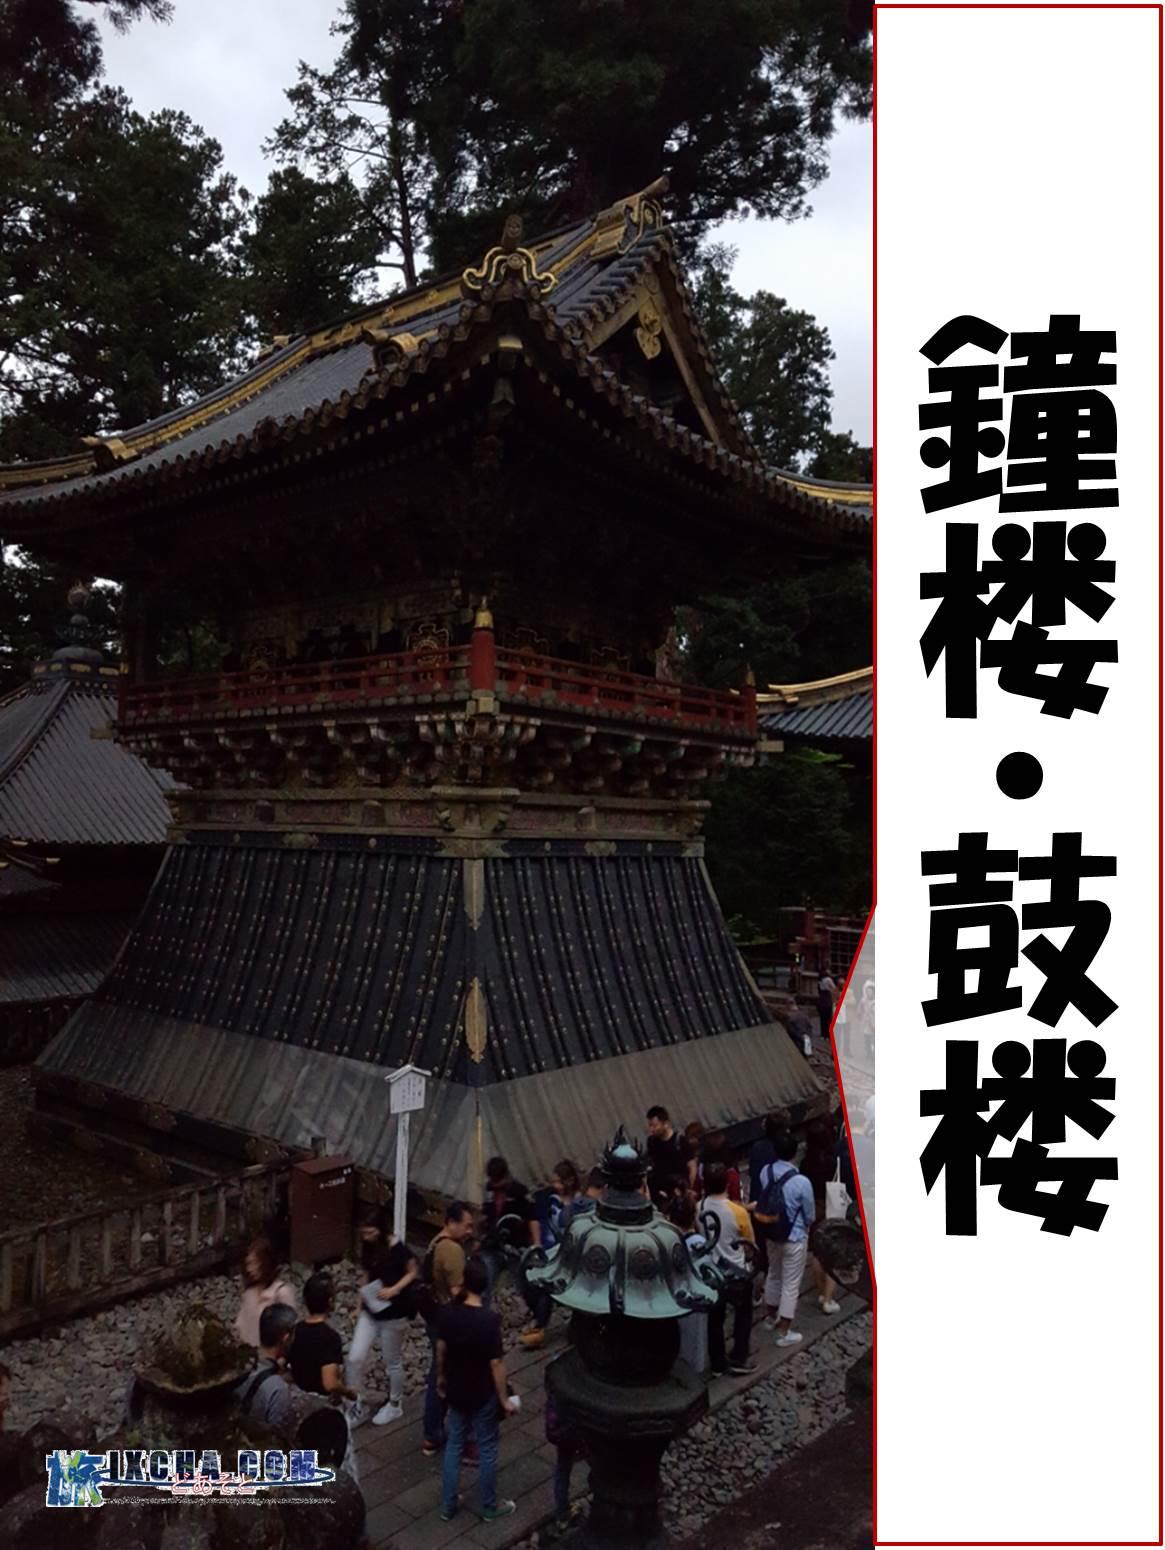 鐘楼・鼓楼 陽明門の左右にある「鐘楼・鼓楼」は、対となる形が特徴で、双方とも見事な装飾が見応えがある建造物です。 この写真は、「鼓楼」で、一見すると「鐘楼・鼓楼」は同じものにも見受けられますが、鼓楼にはある38体の彫刻に対し、鐘楼には78体の彫刻があり、鐘楼の方が格式が高い事が分かります。 この建造物の役割は、鐘楼には釣鐘が、鼓楼には太鼓が治められており、時刻を知らせたり、緊急時の警報等を行っていました。 両楼とも国の重要文化財に指定されるものです。